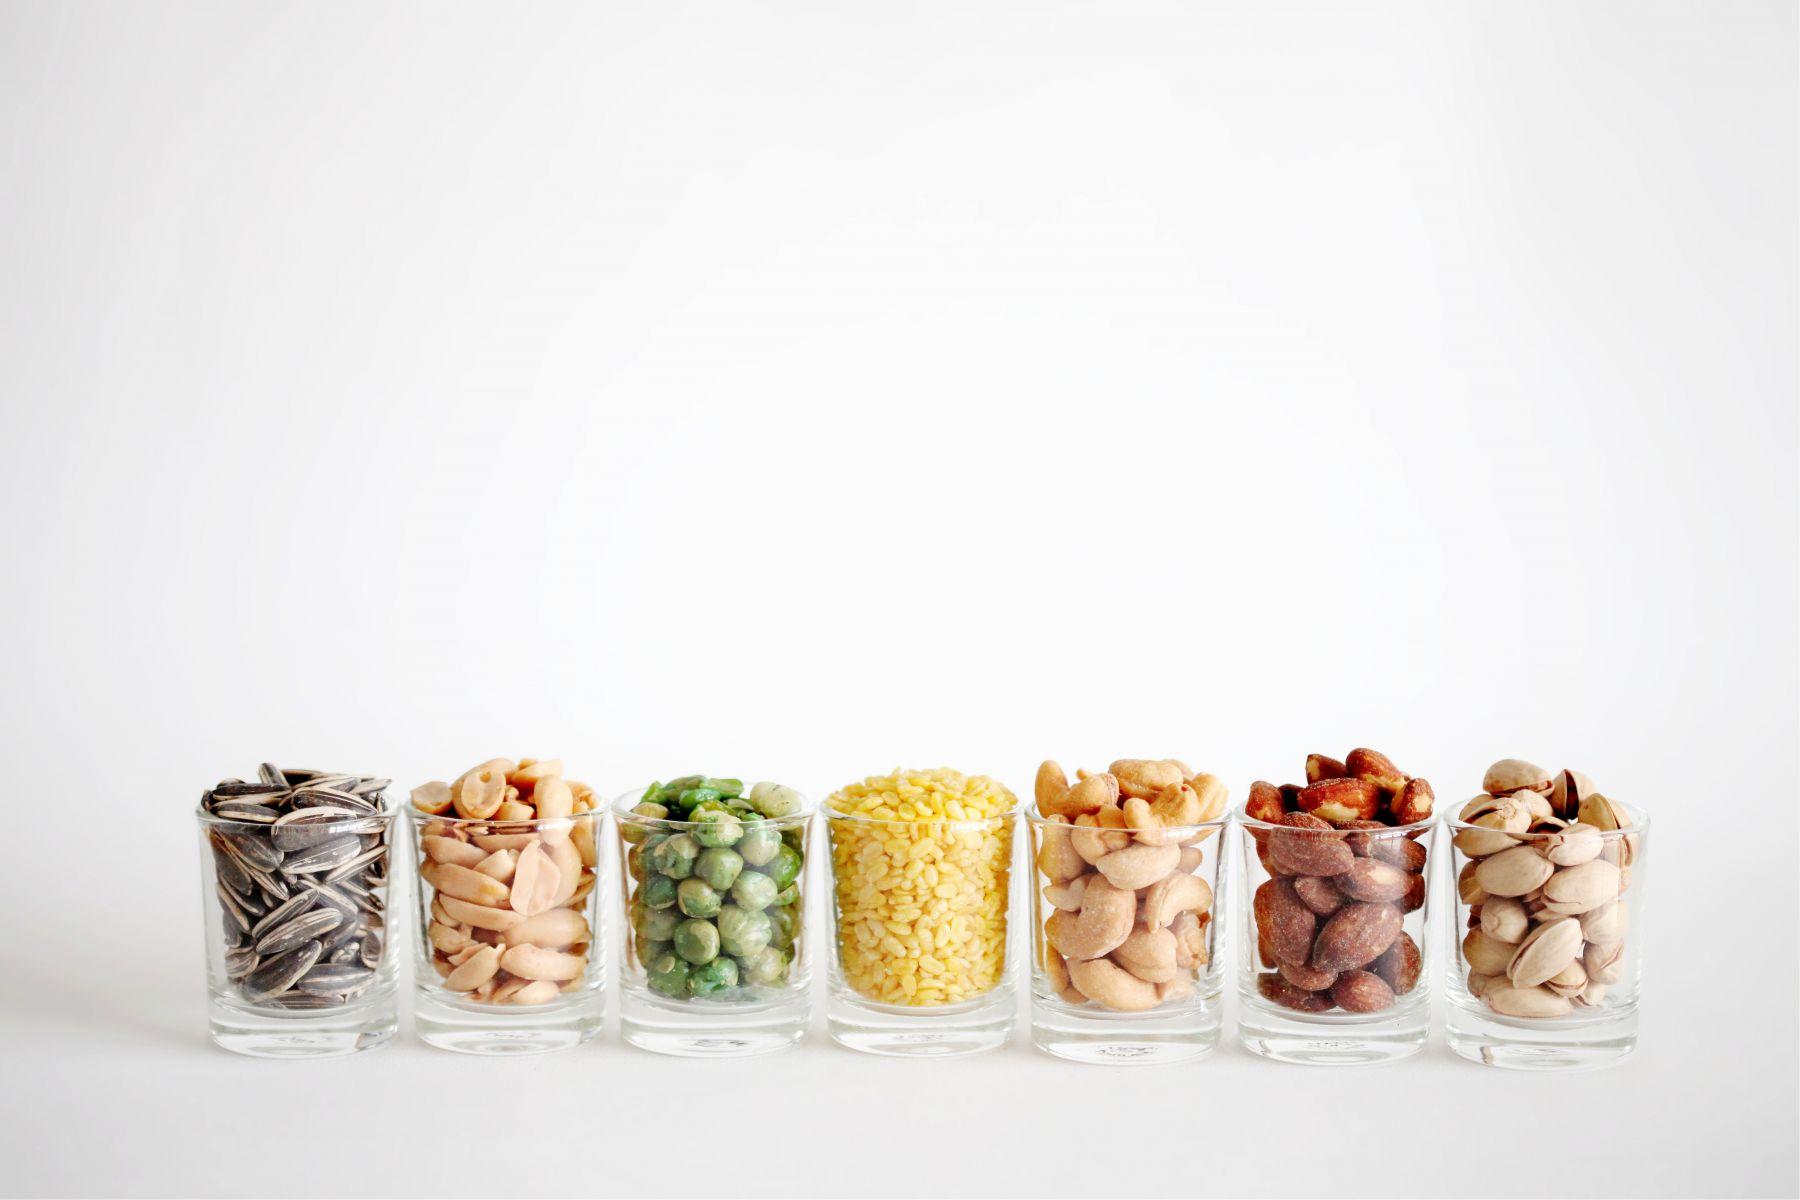 每天吃堅果擊敗發炎、衰老、癌症!8食物防癌抗發炎秘訣公開